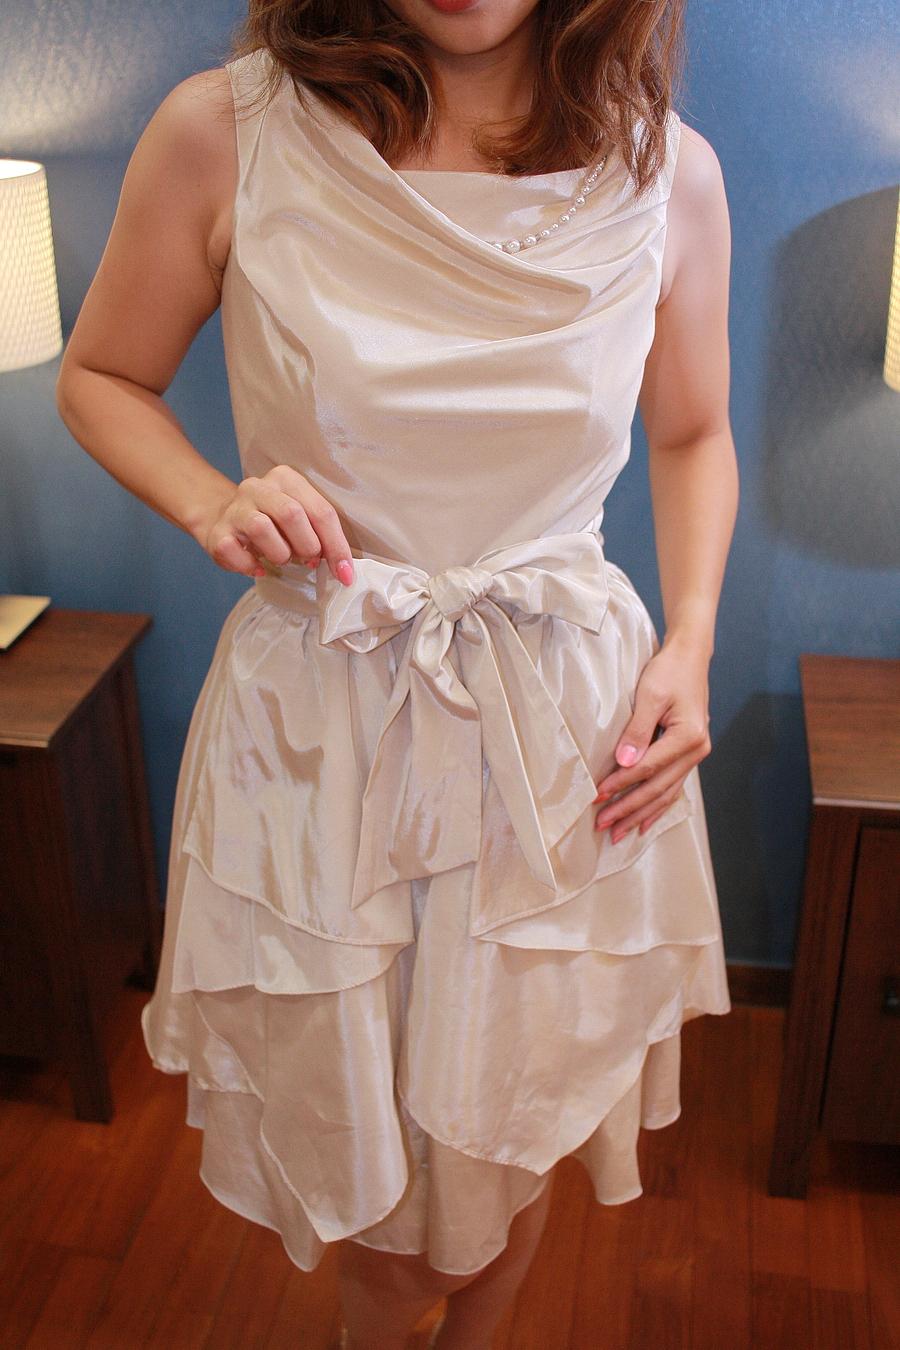 スカート部は重ね着になっており、着脱自在となっております♪♪